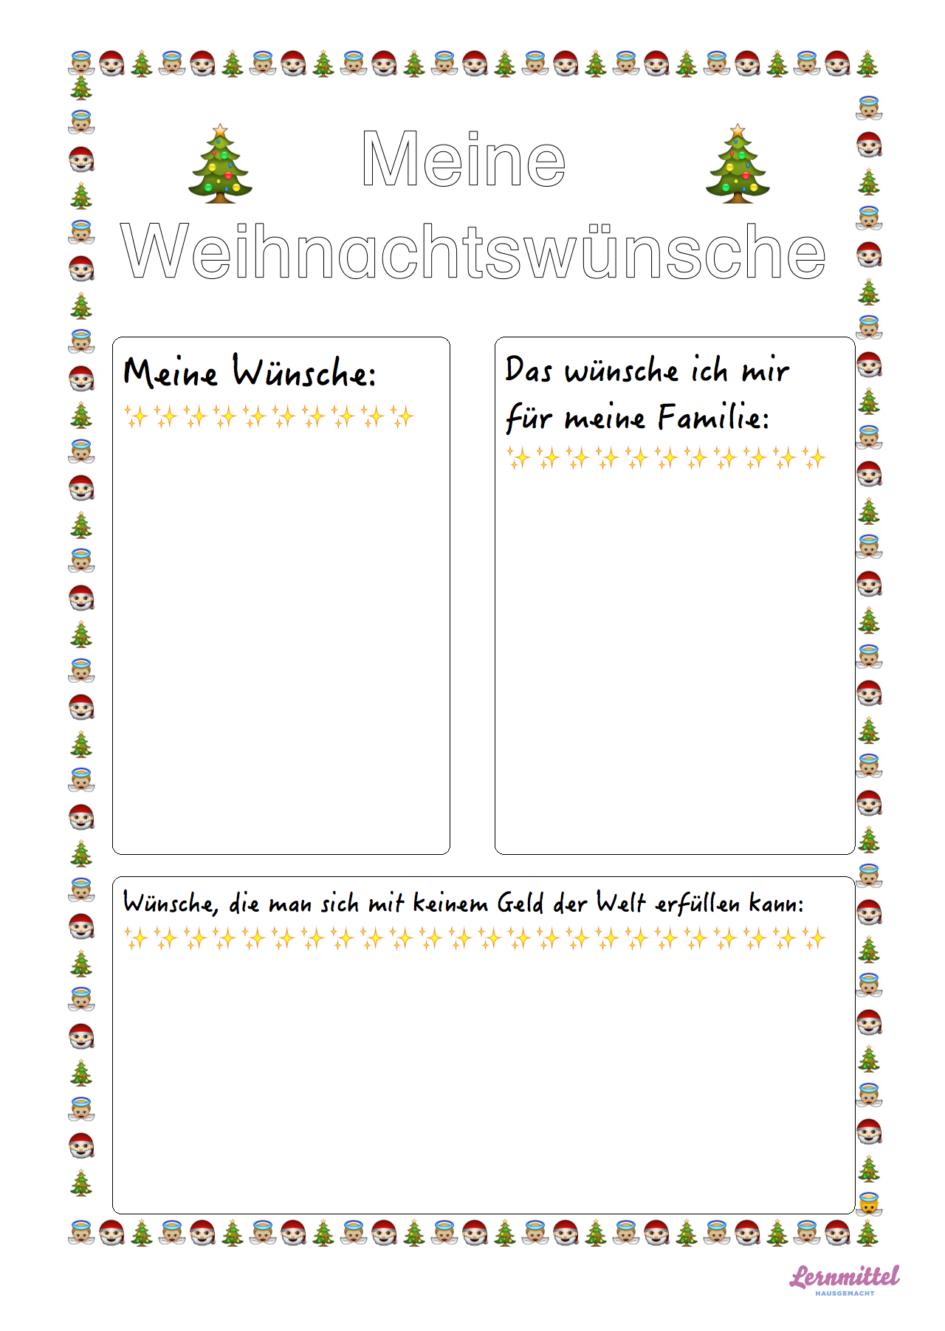 meine-weihnachtswuensche | Deutschunterricht | Pinterest | Wünsche ...